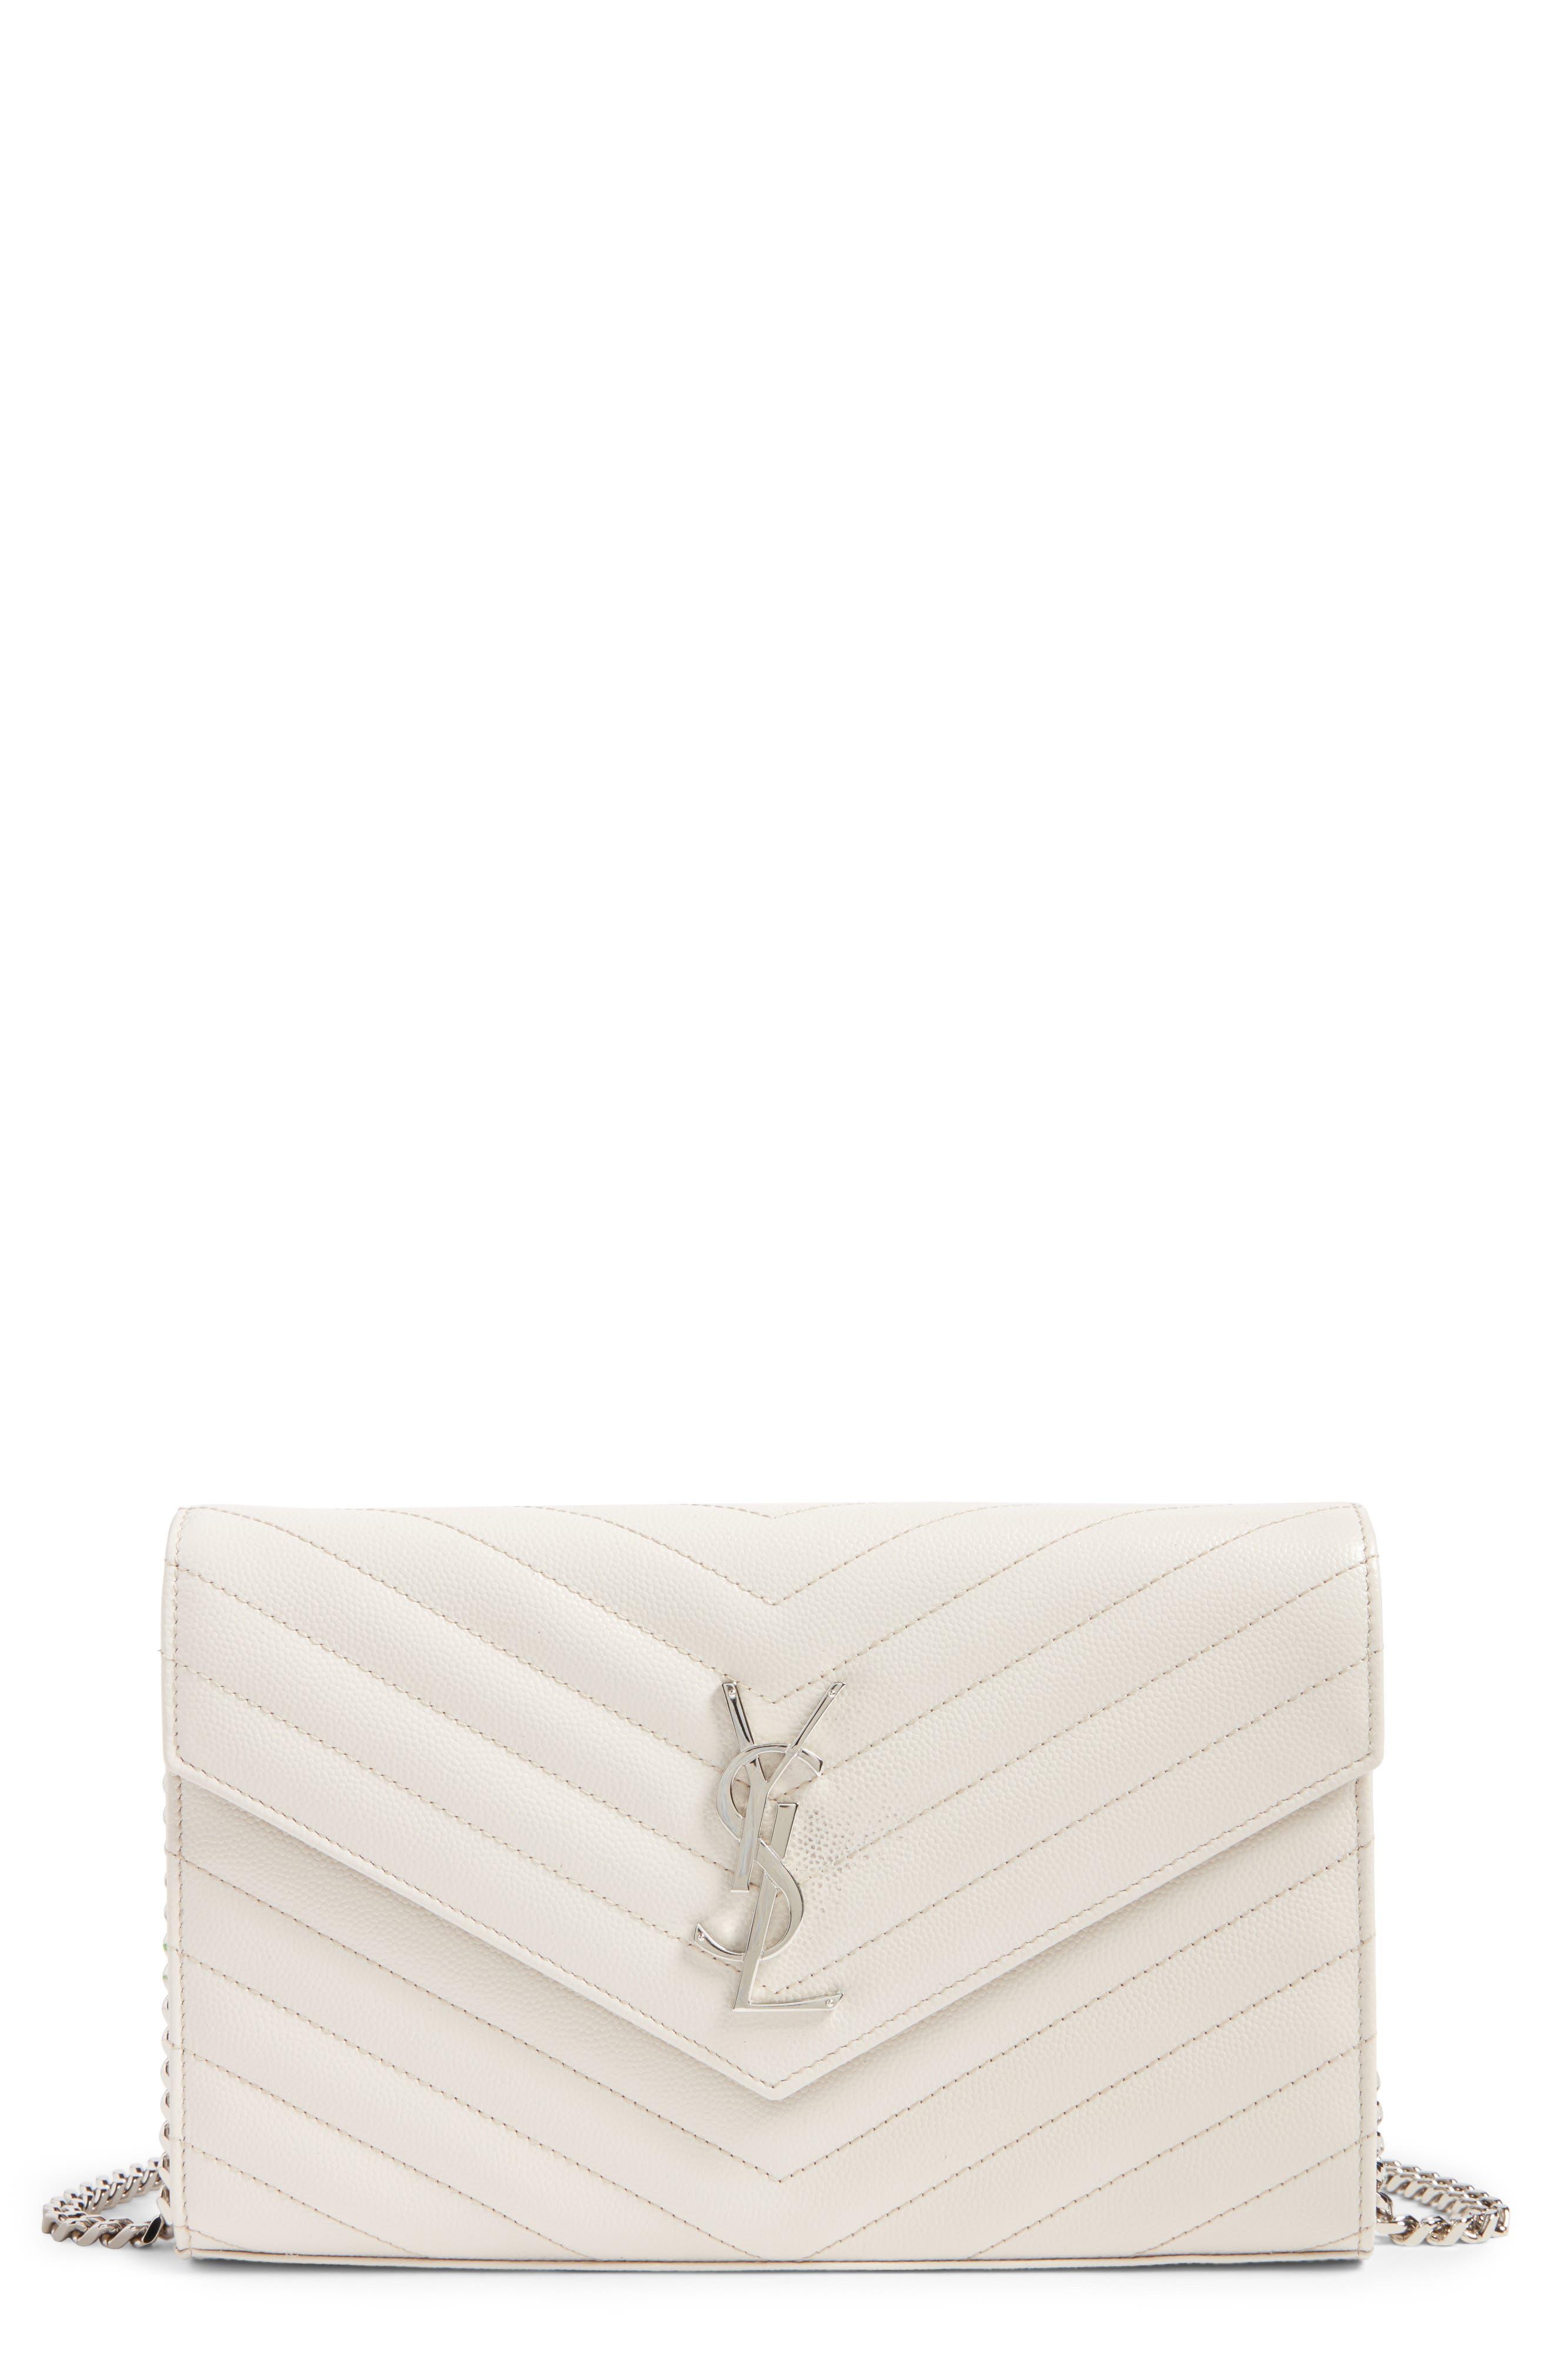 Saint Laurent 'Monogram' Wallet on a Chain